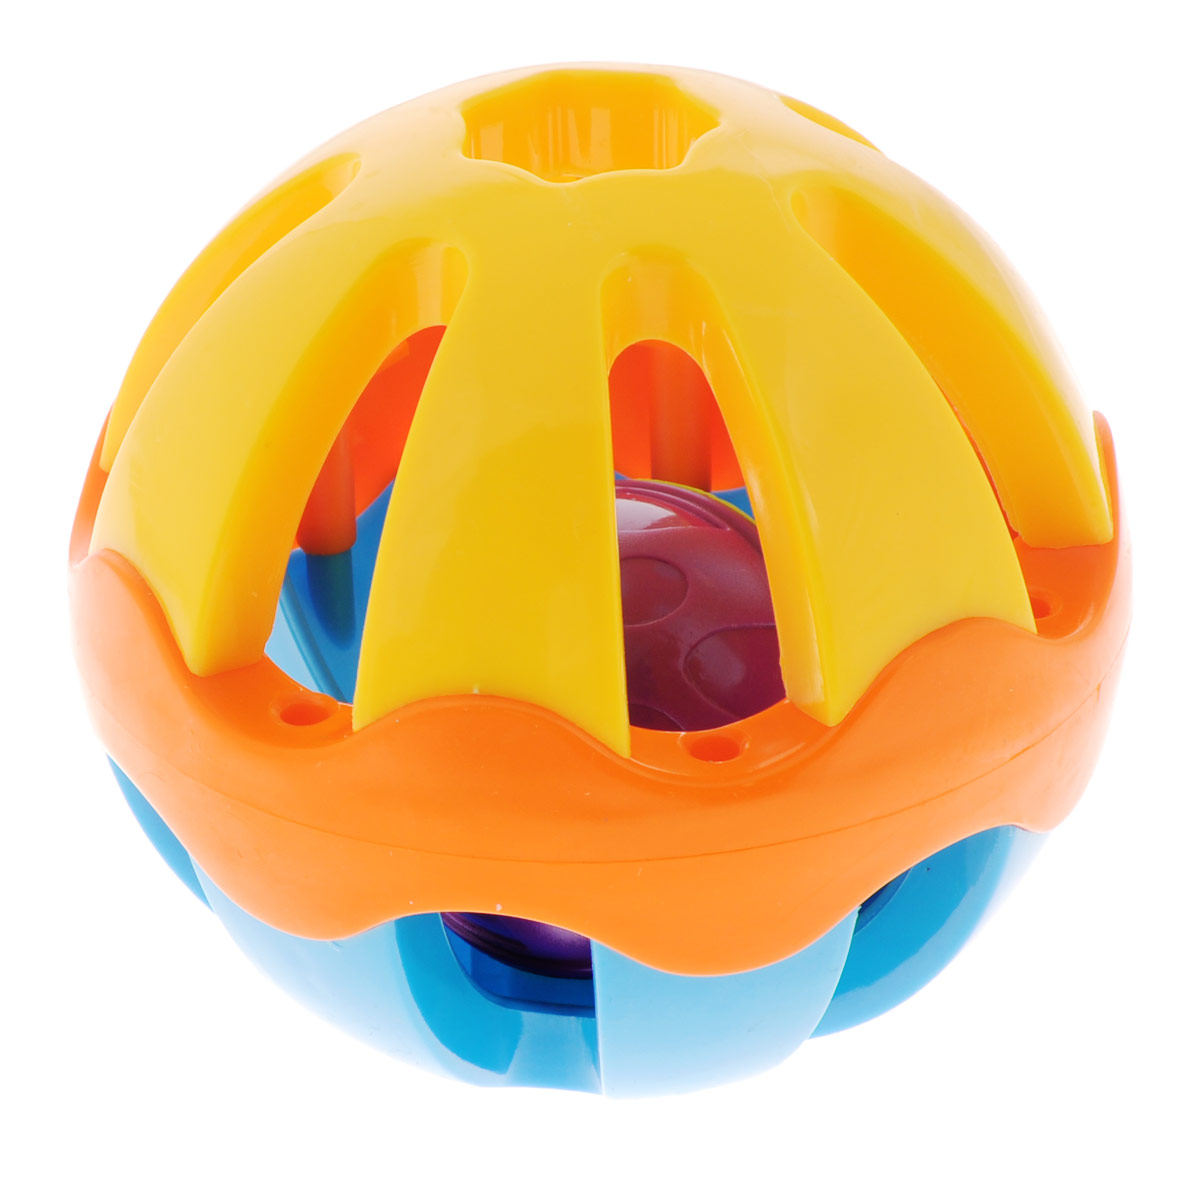 Погремушка Mioshi Шар погремушка mioshi гибкий шар цвет желтый голубой